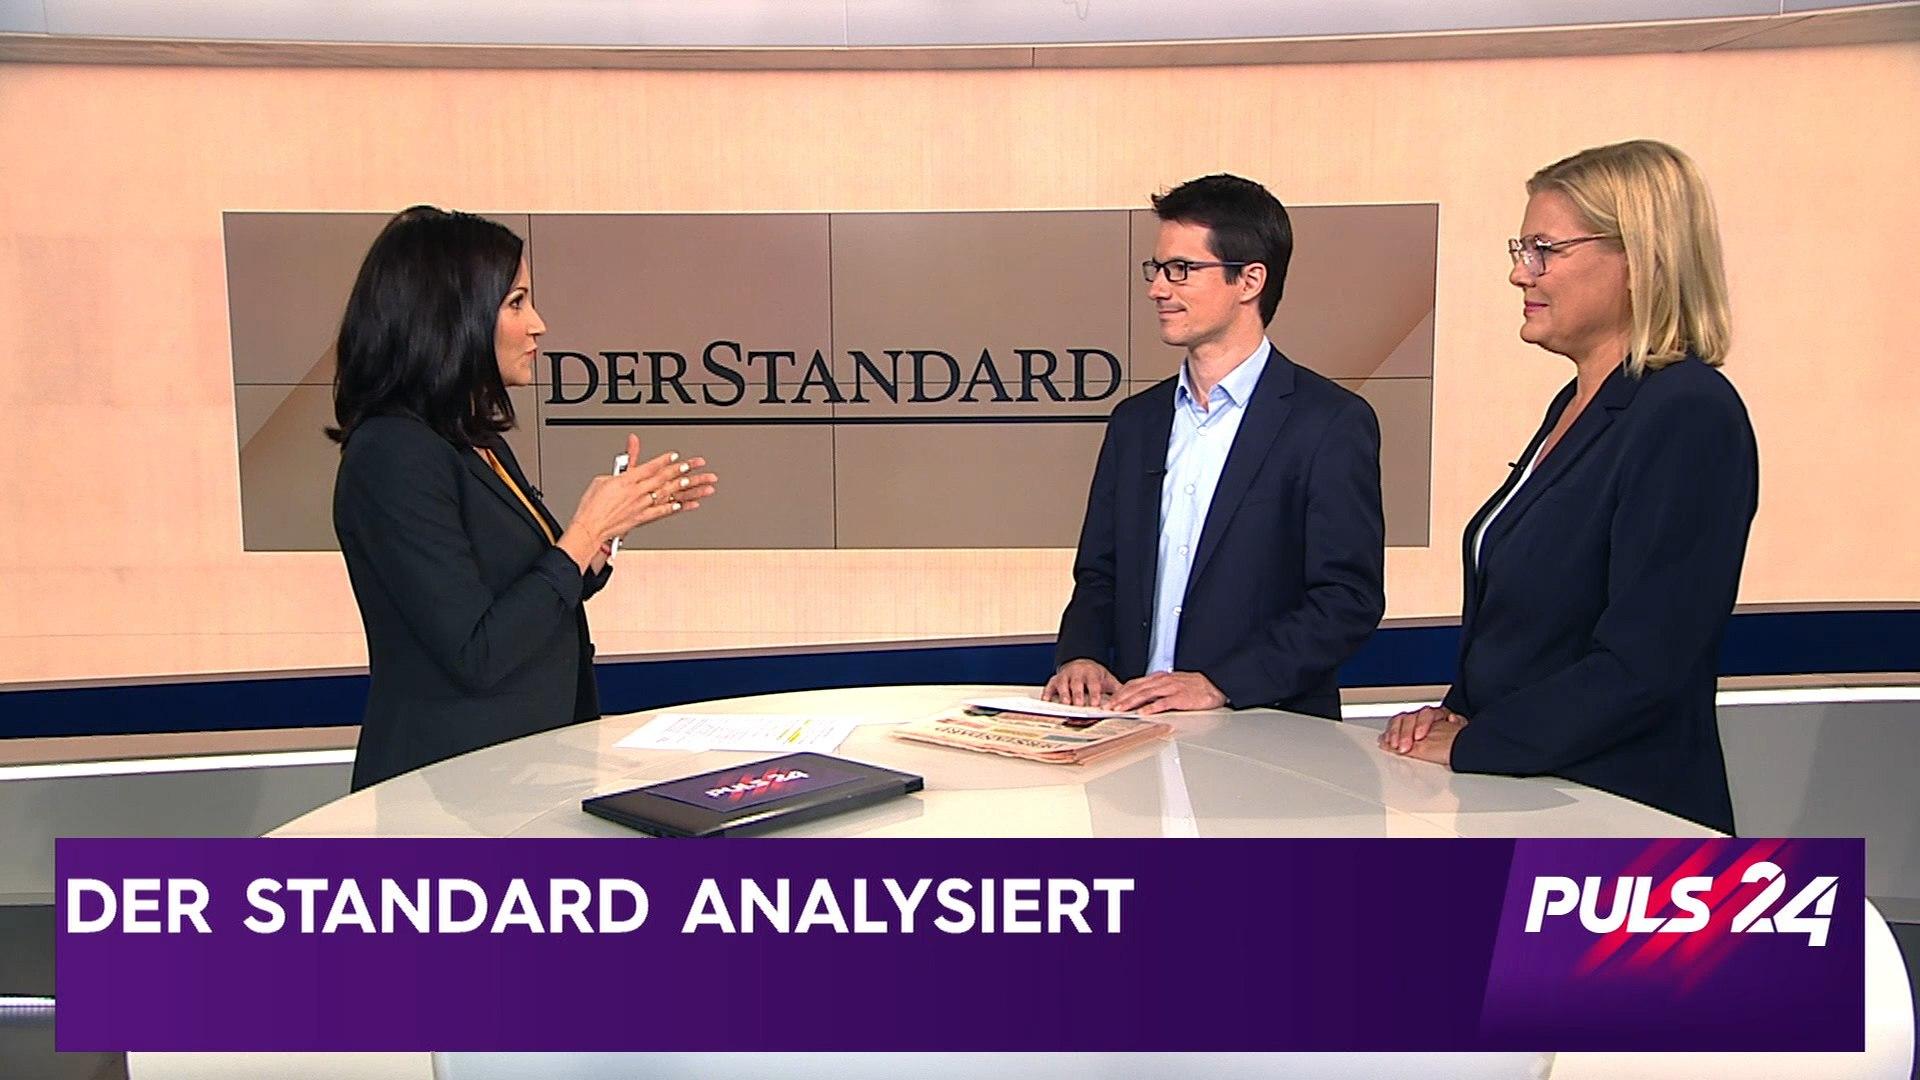 DER STANDARD analysiert: